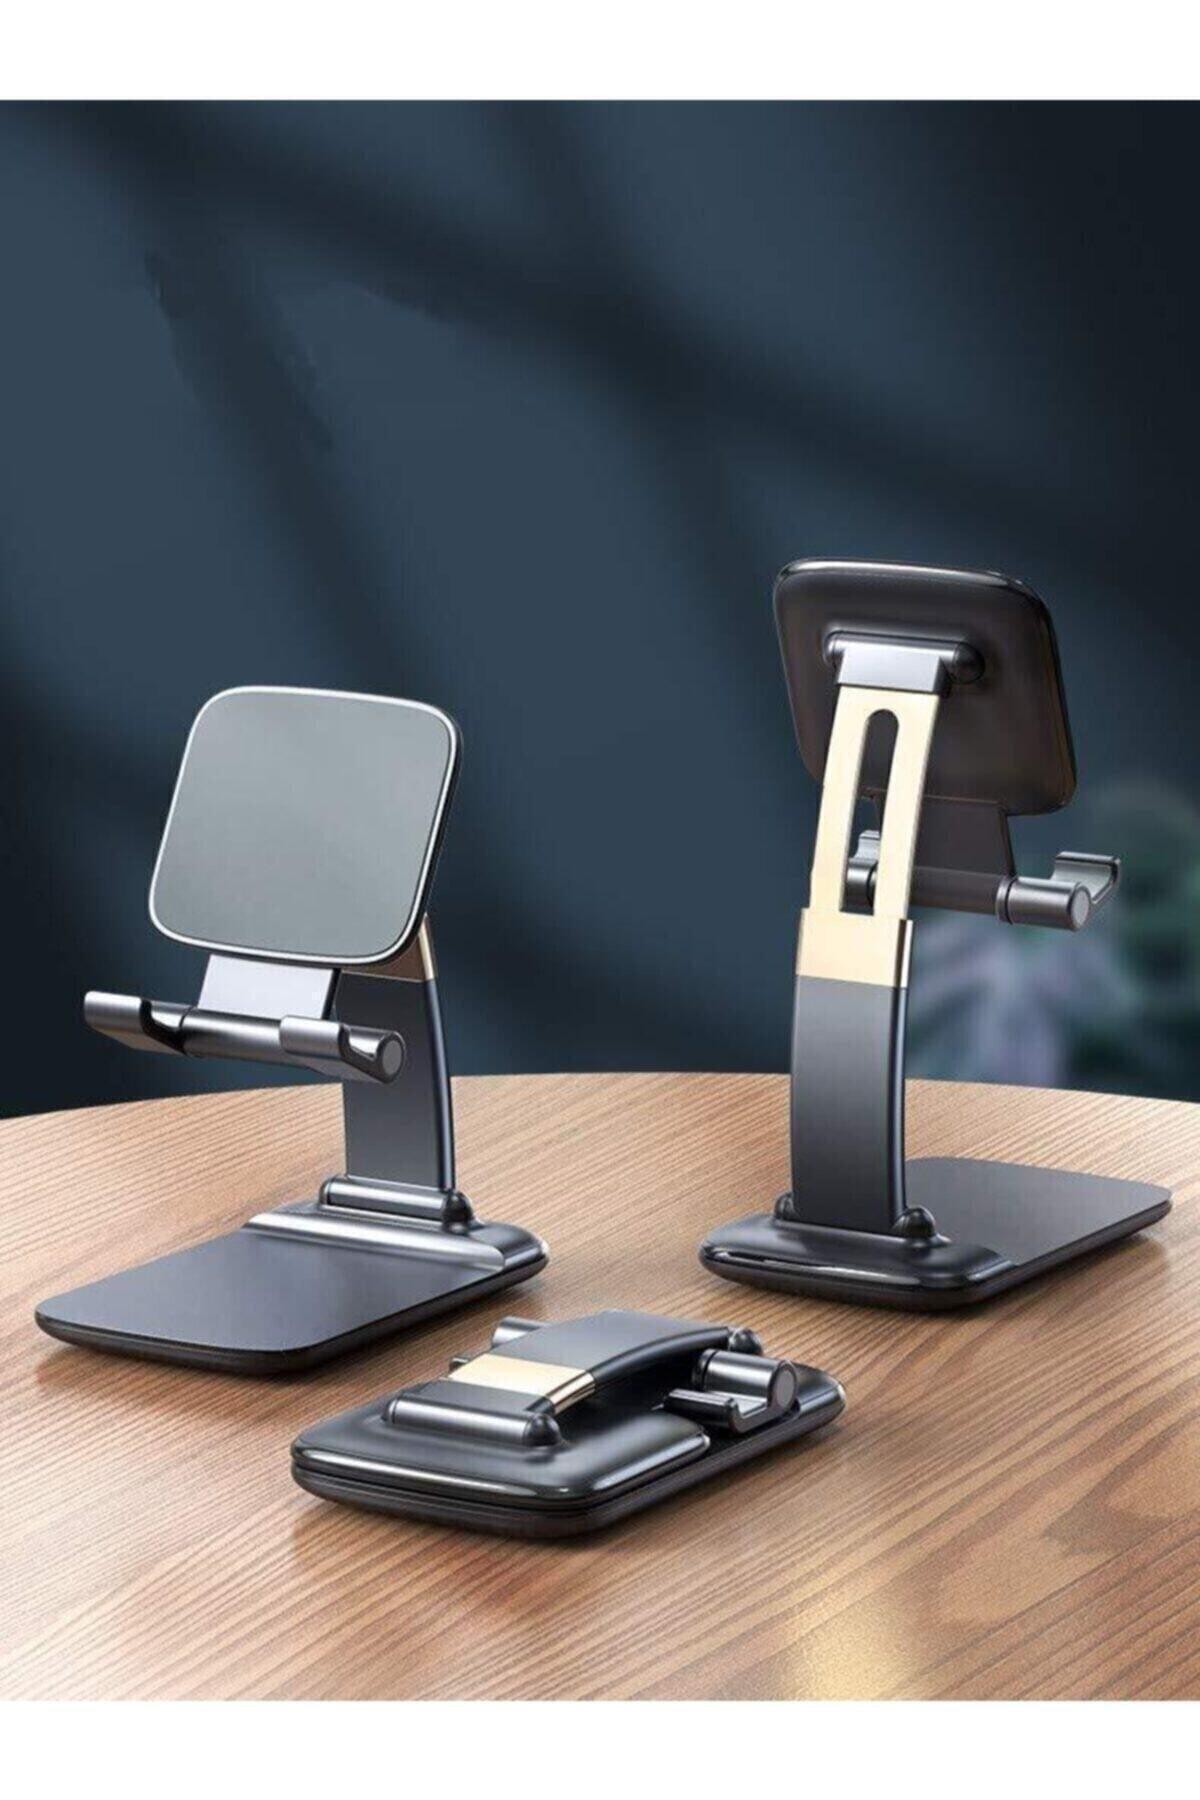 Portatif Ayarlanabilir Katlanır Telefon Ve Tablet Masaüstü Stand Tutucu